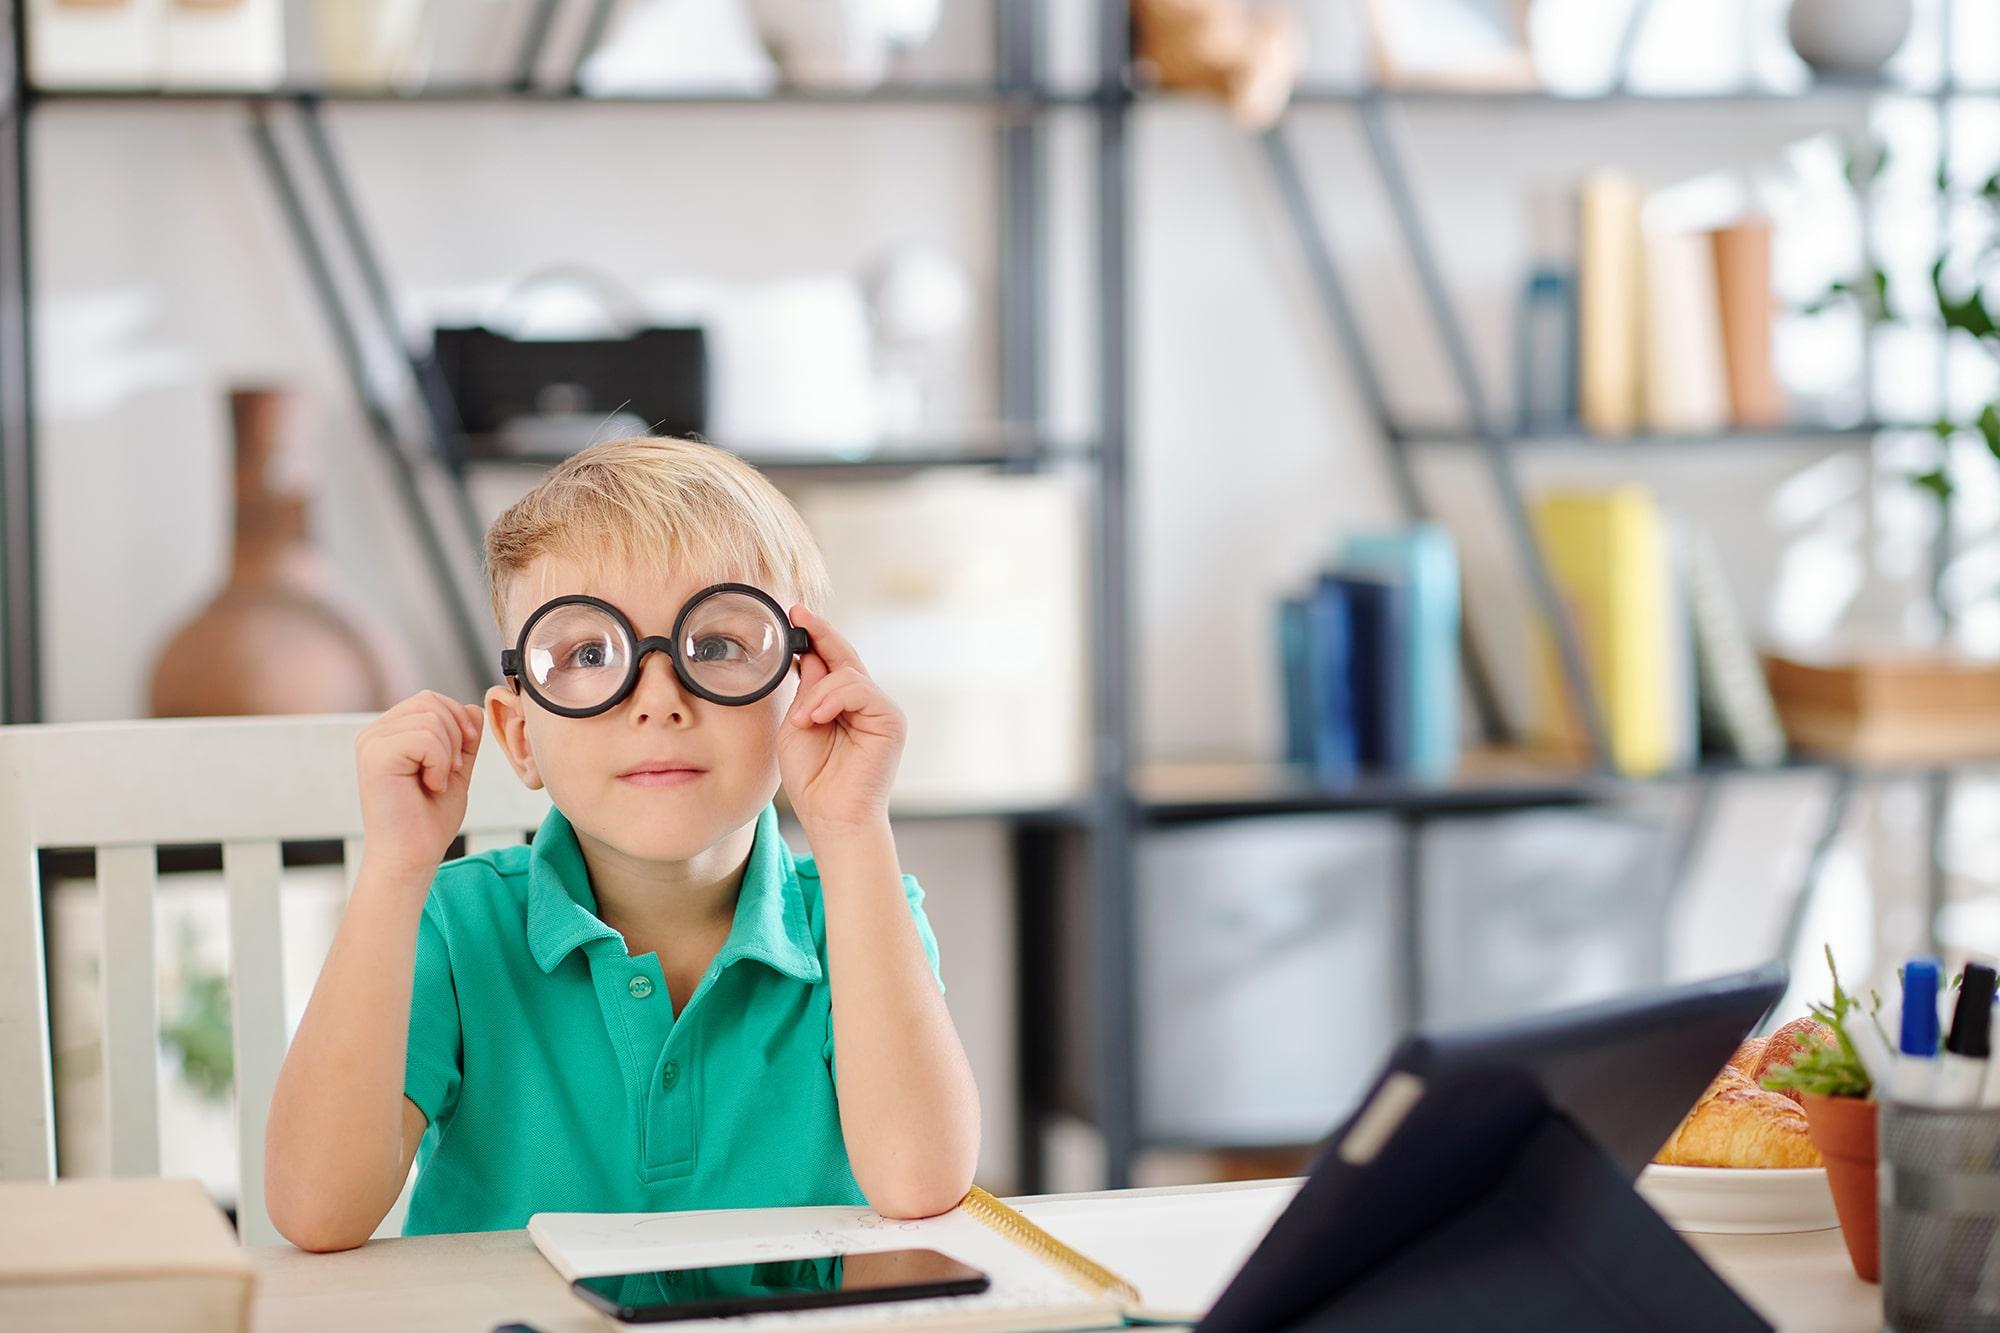 เรียนออนไลน์ สายตาจึงสำคัญ: รู้จักวิธีถนอมสายตาช่วงเรียนออนไลน์